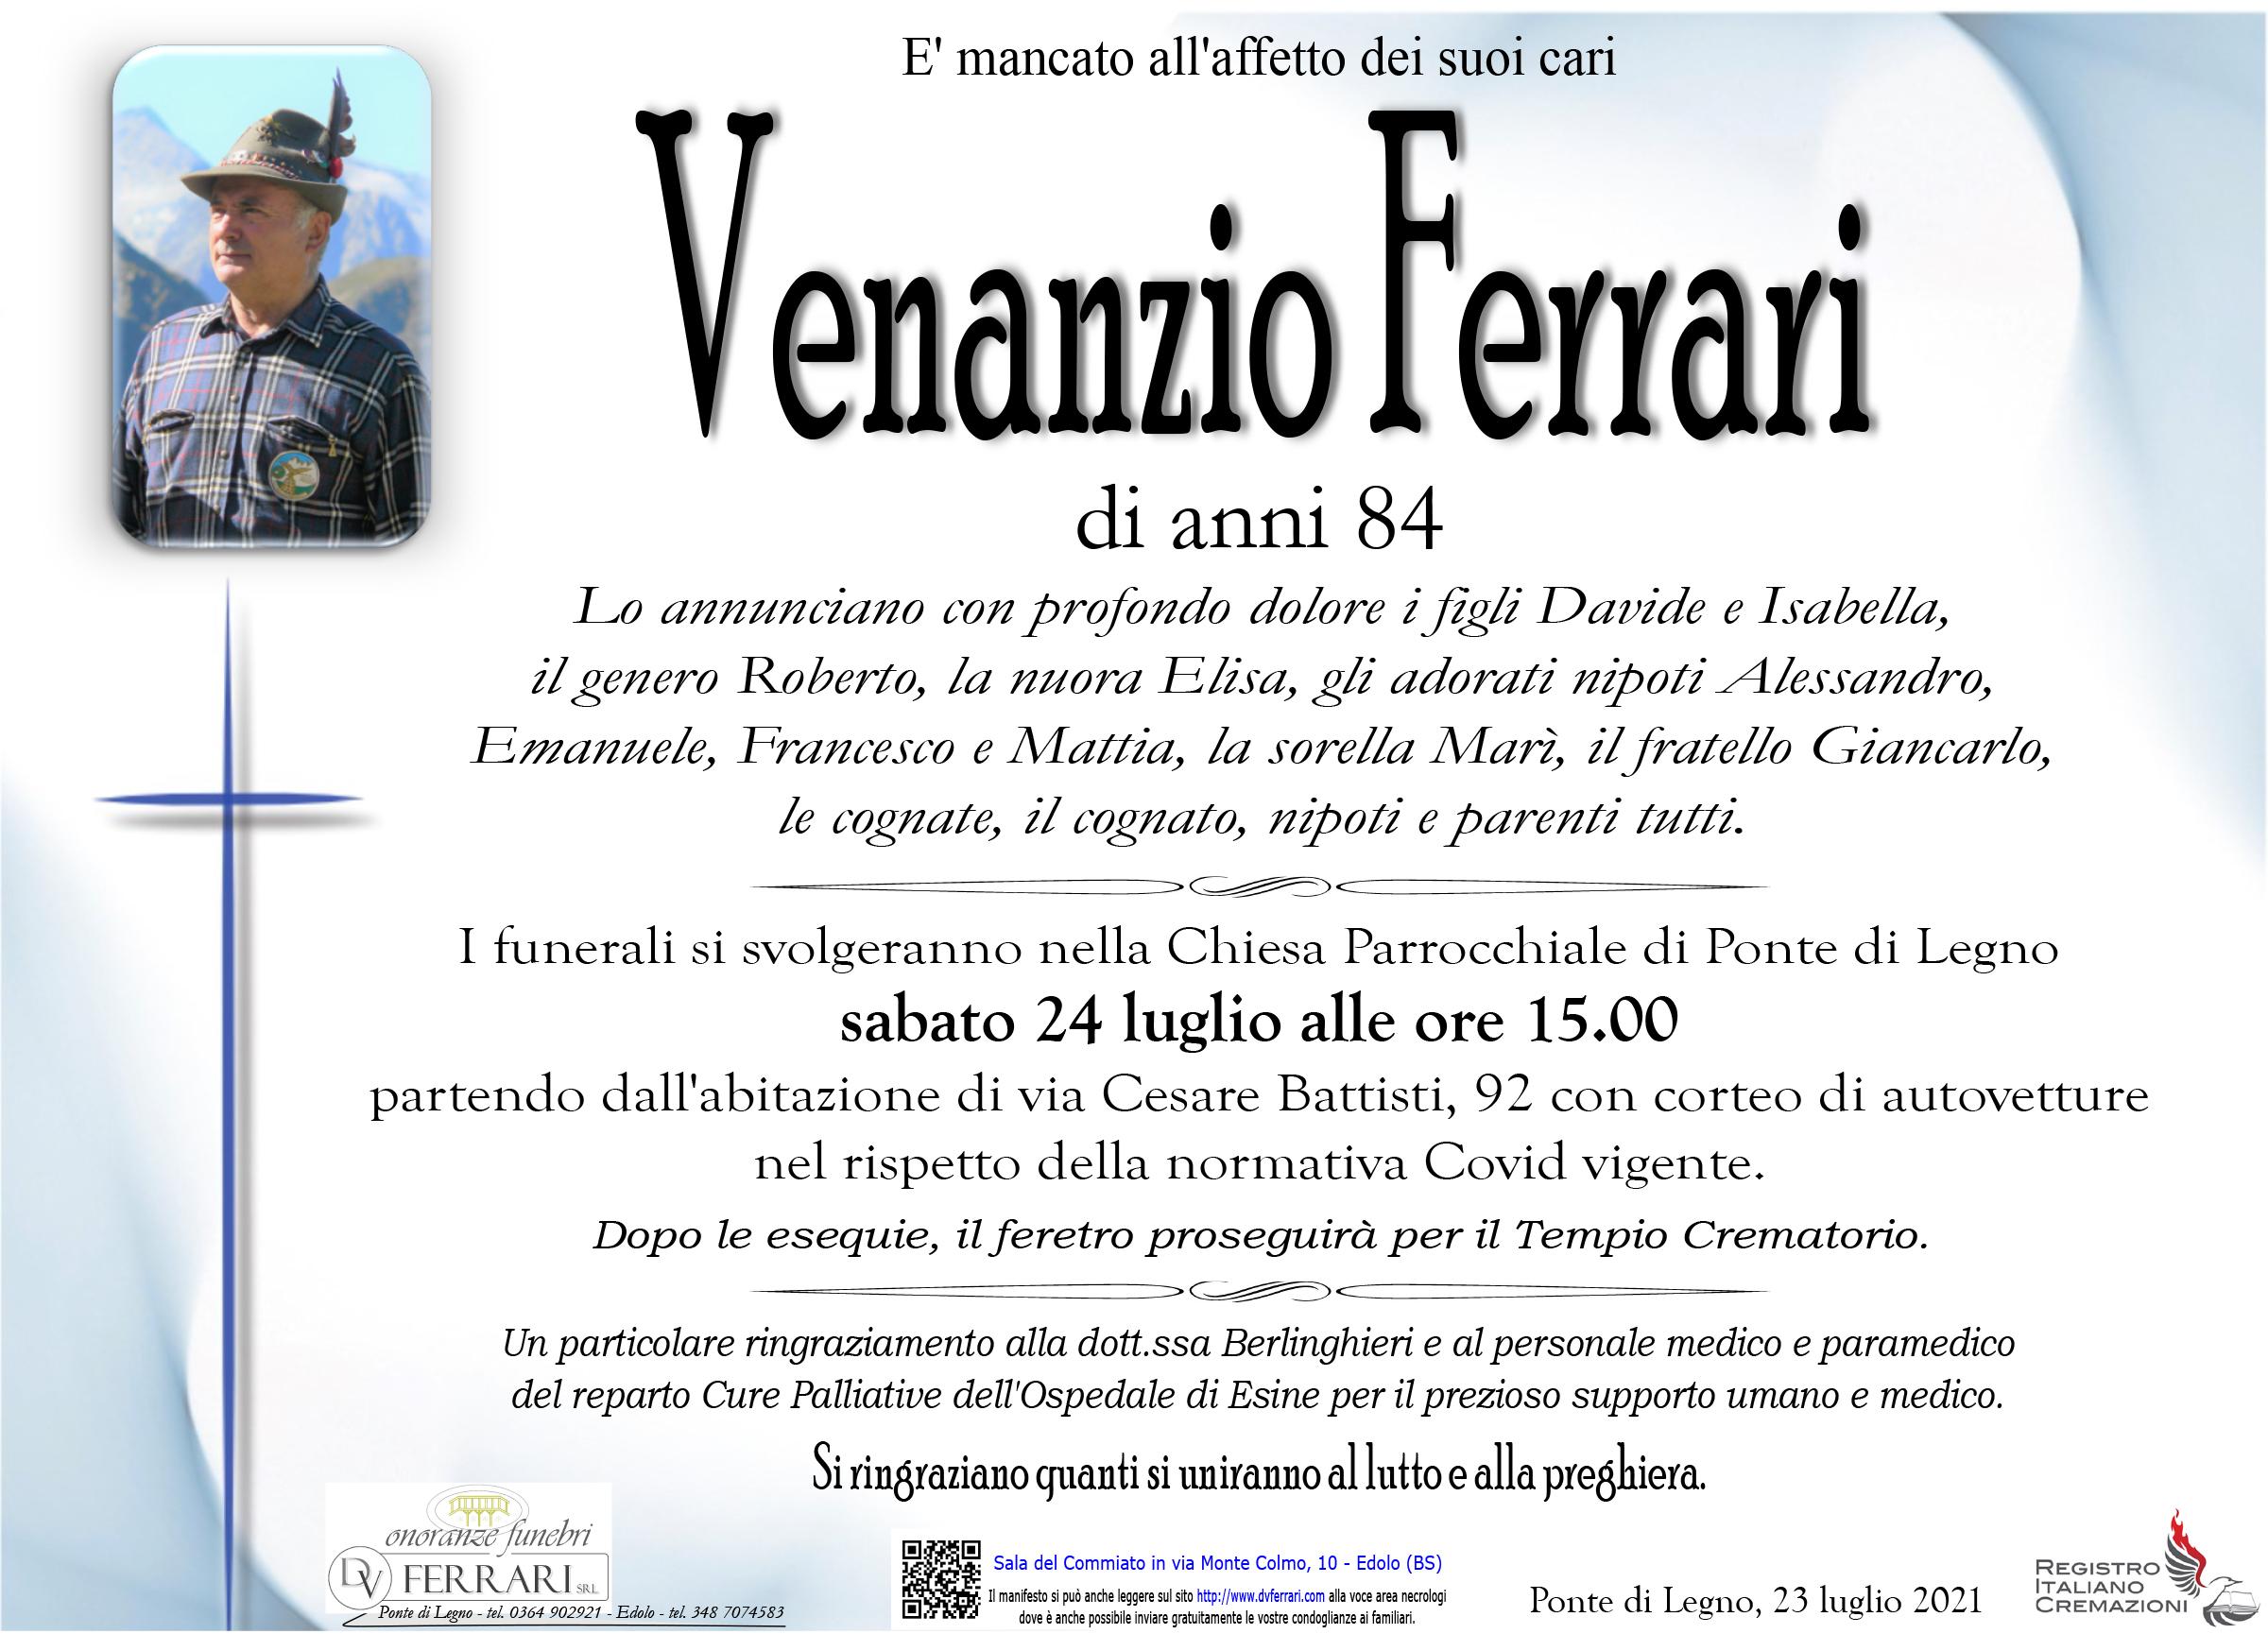 VENANZIO FERRARI - PONTE DI LEGNO